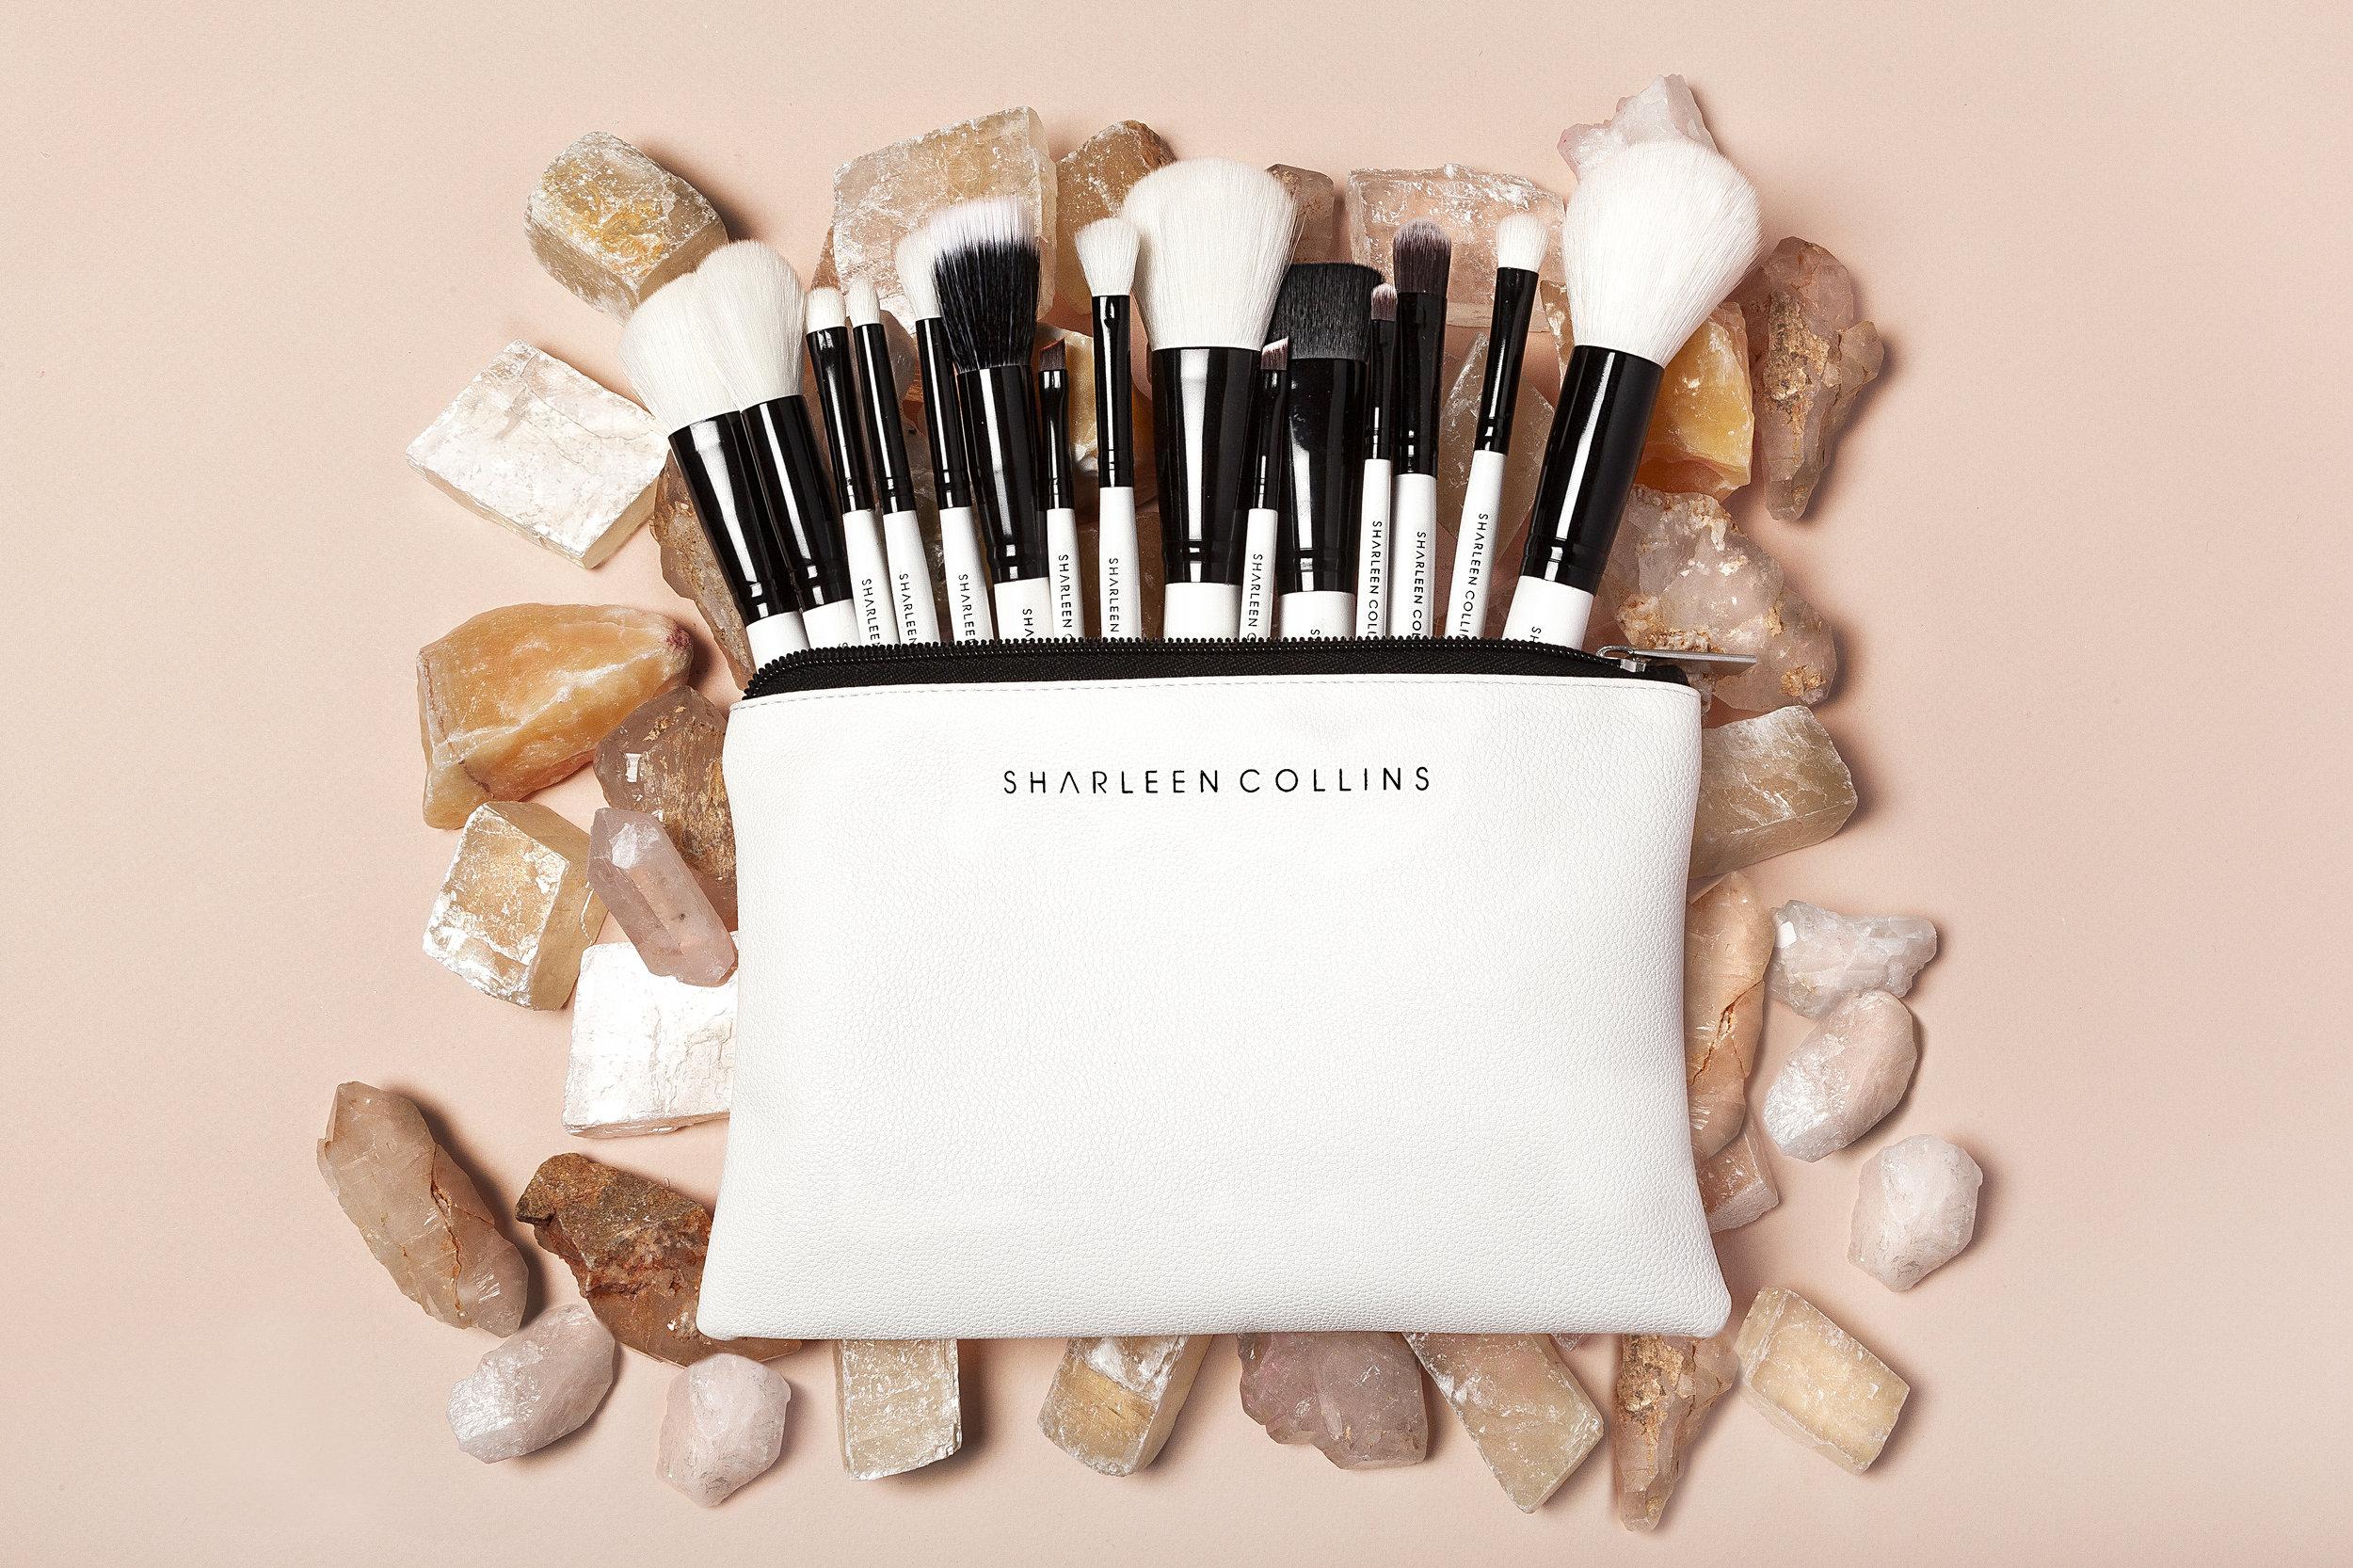 Sharleen Collins Cosmetics Brushes .jpg